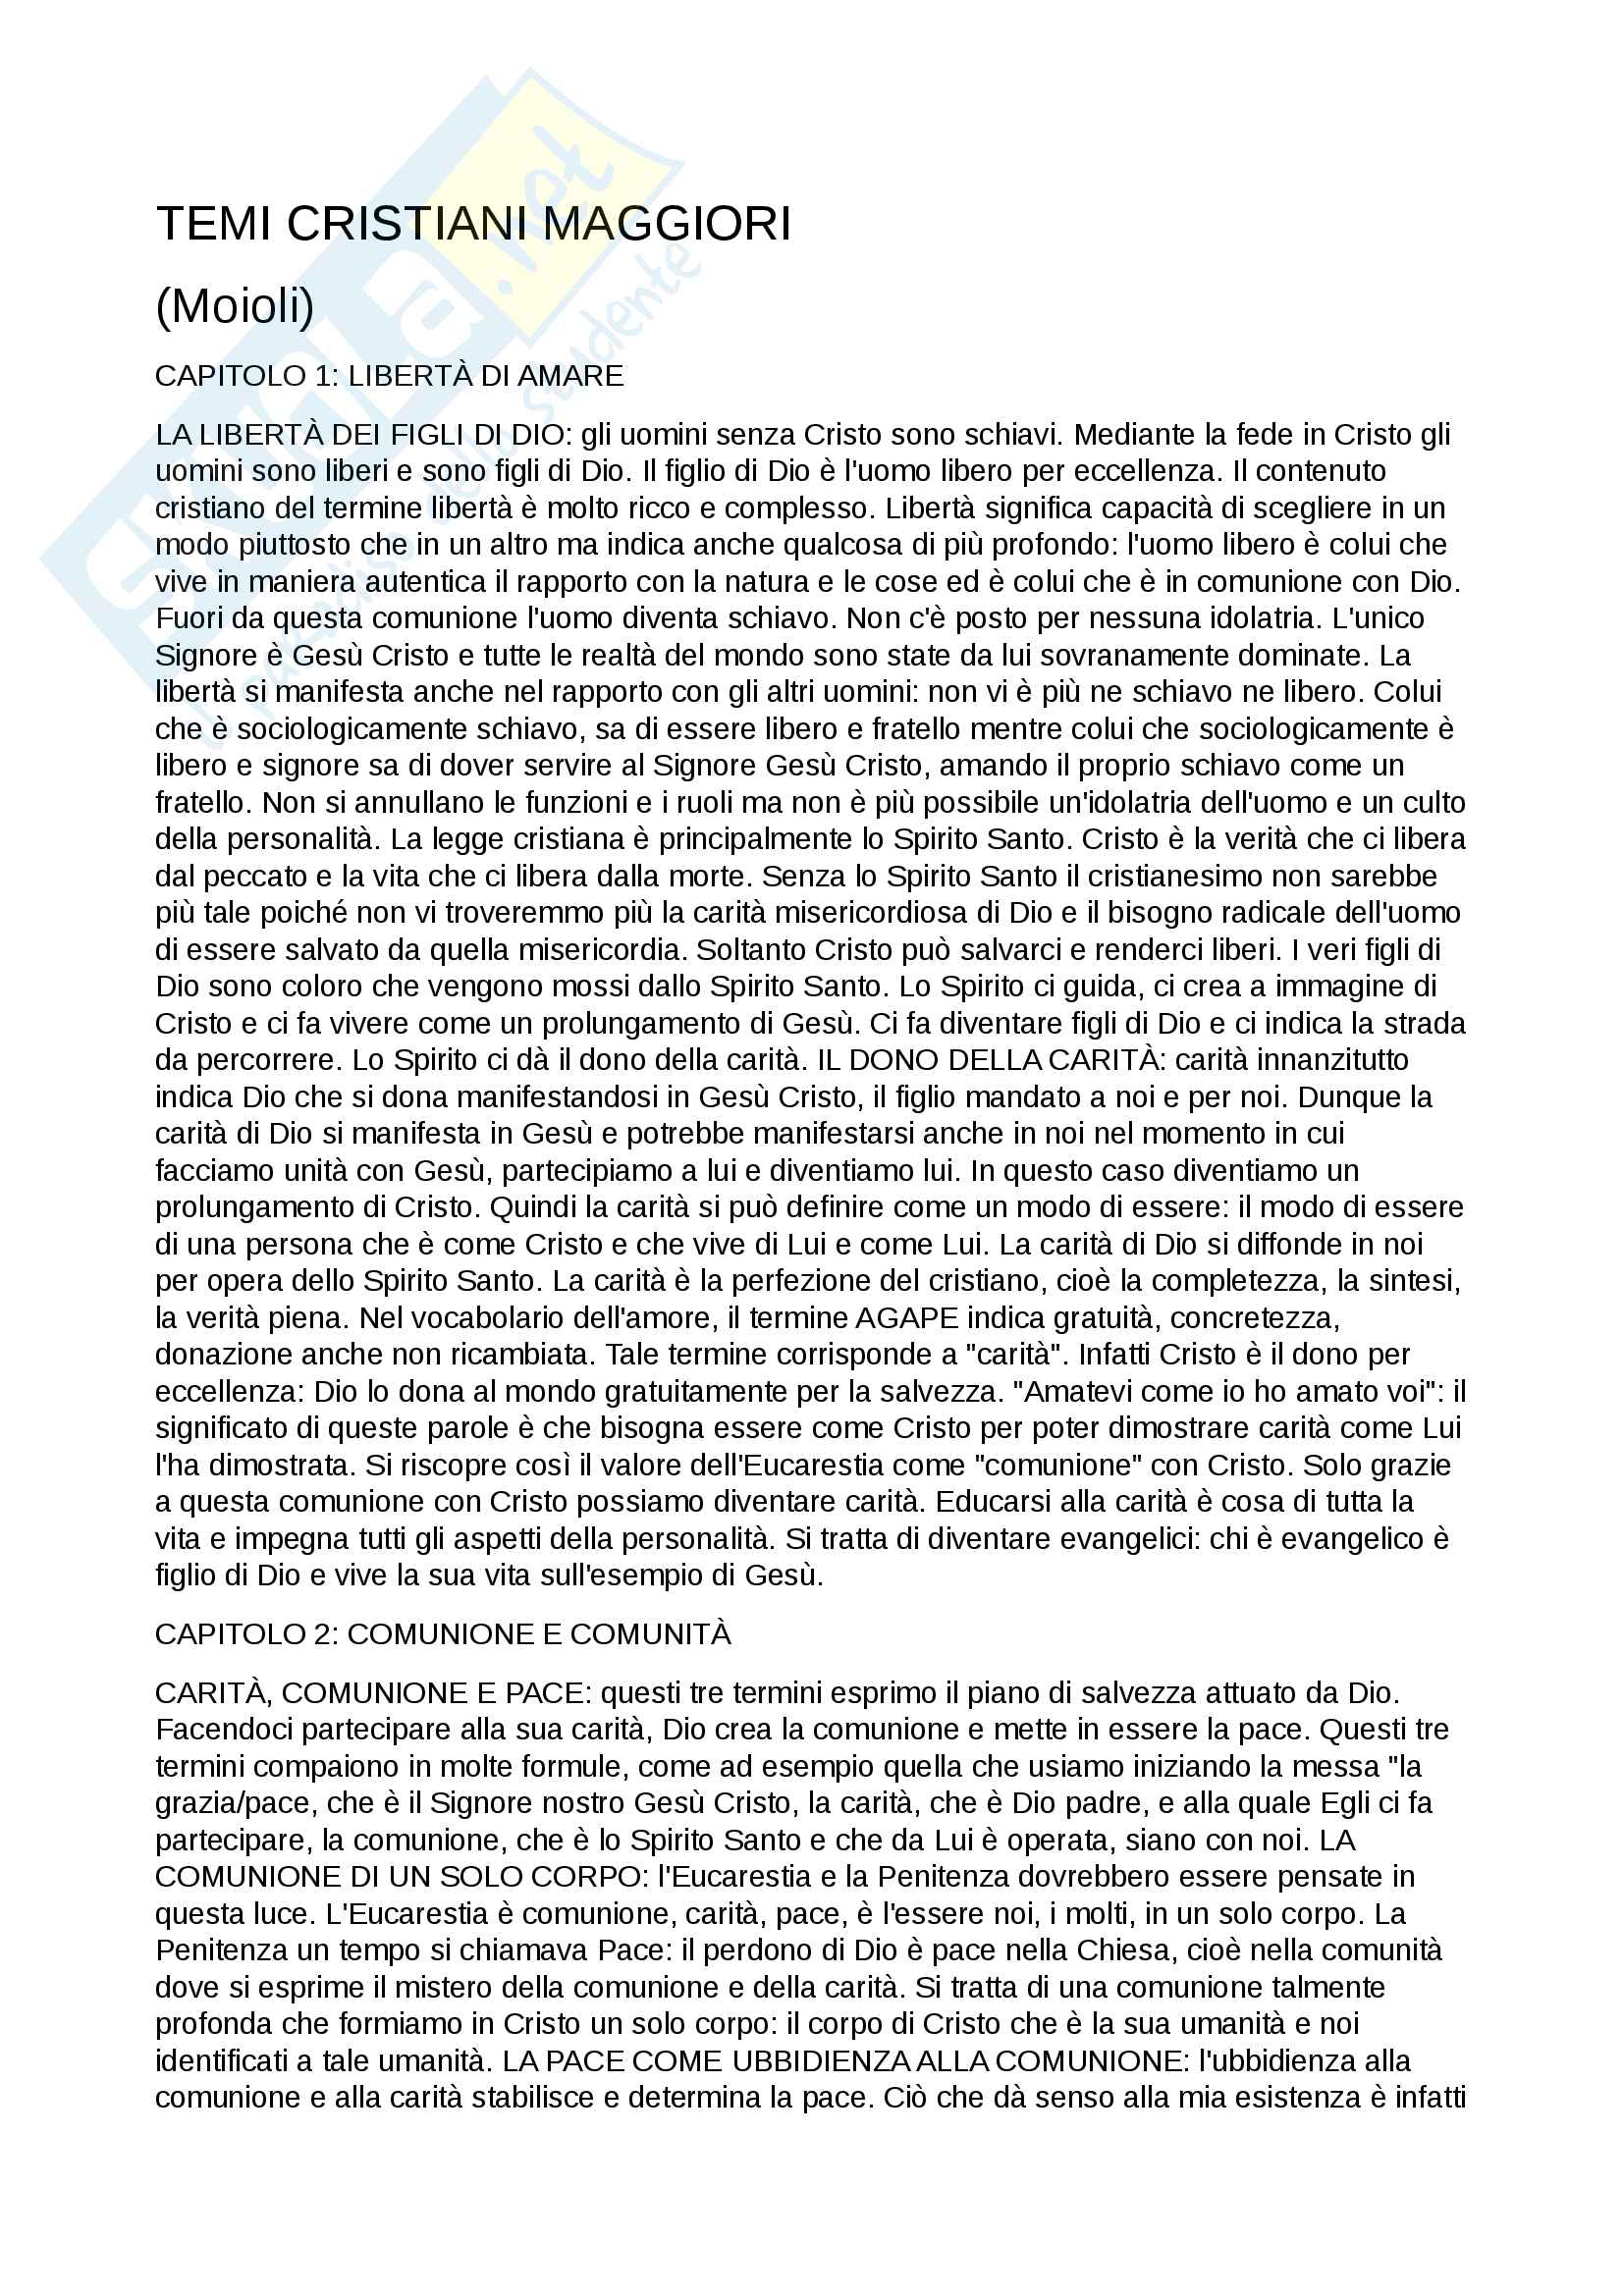 """Riassunto esame di teologia II, prof. Claudio Stercal, libro consigliato """"Temi Cristiani Maggiori"""", 1992, G.Moioli"""